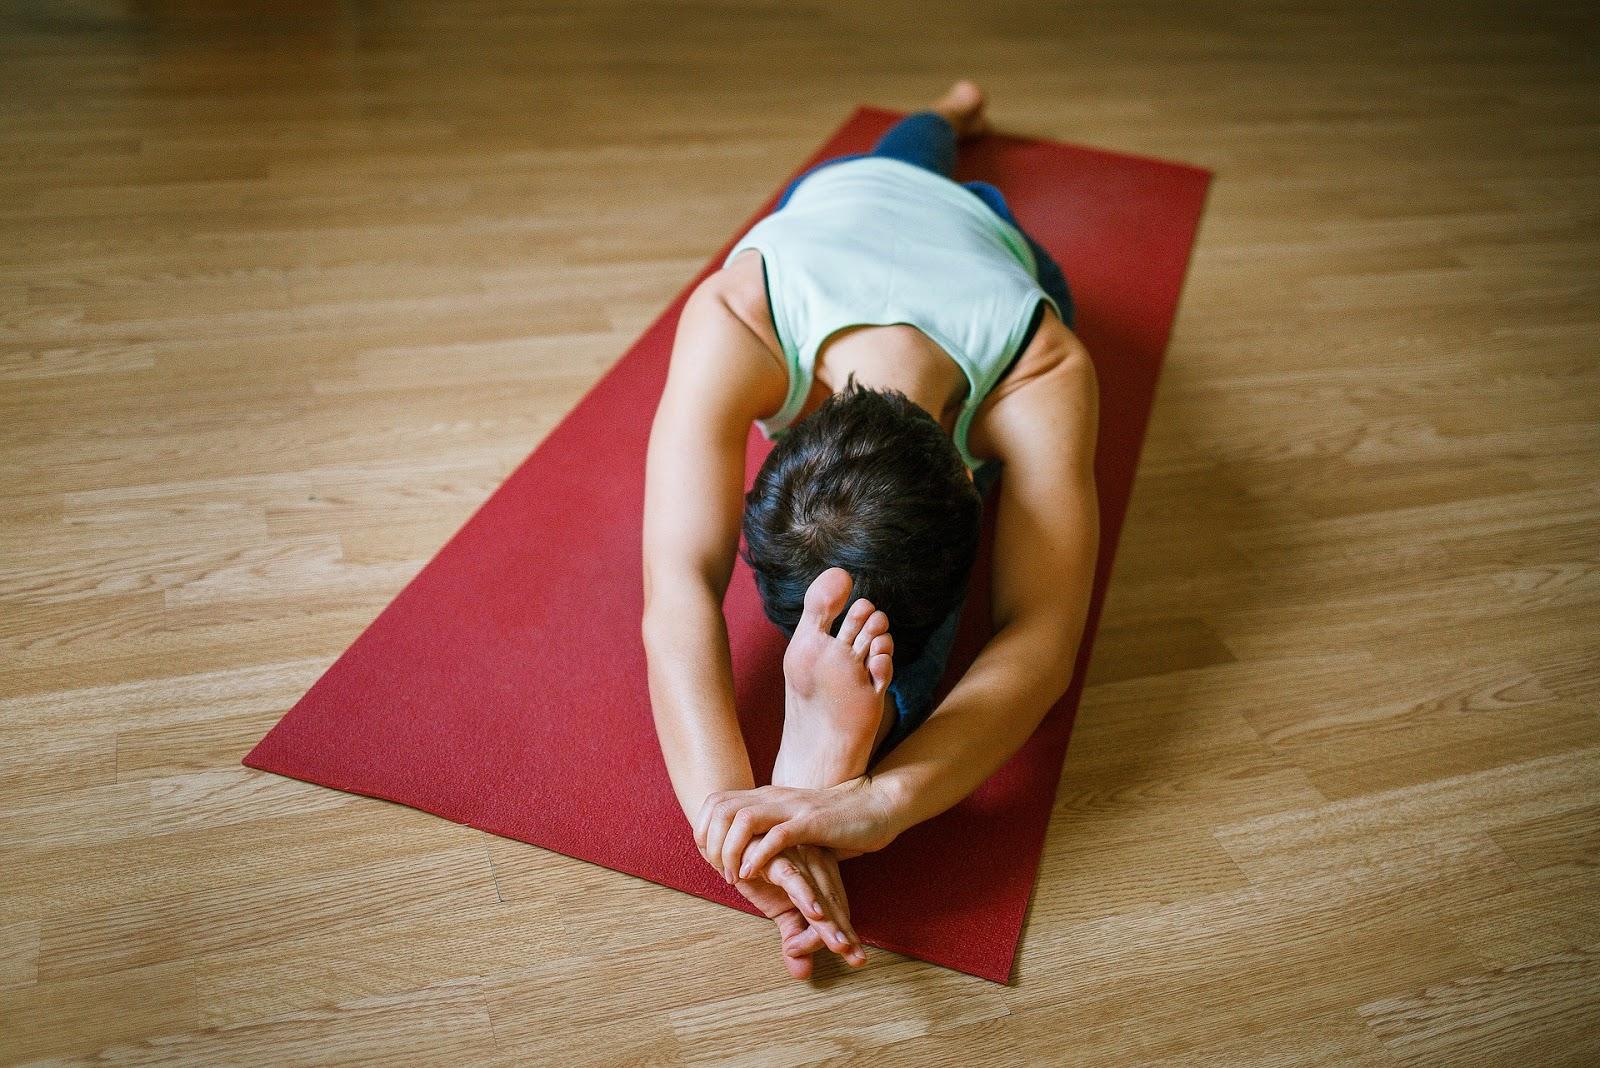 yoga Inbound, formación, intructorado, sabados, domingos.